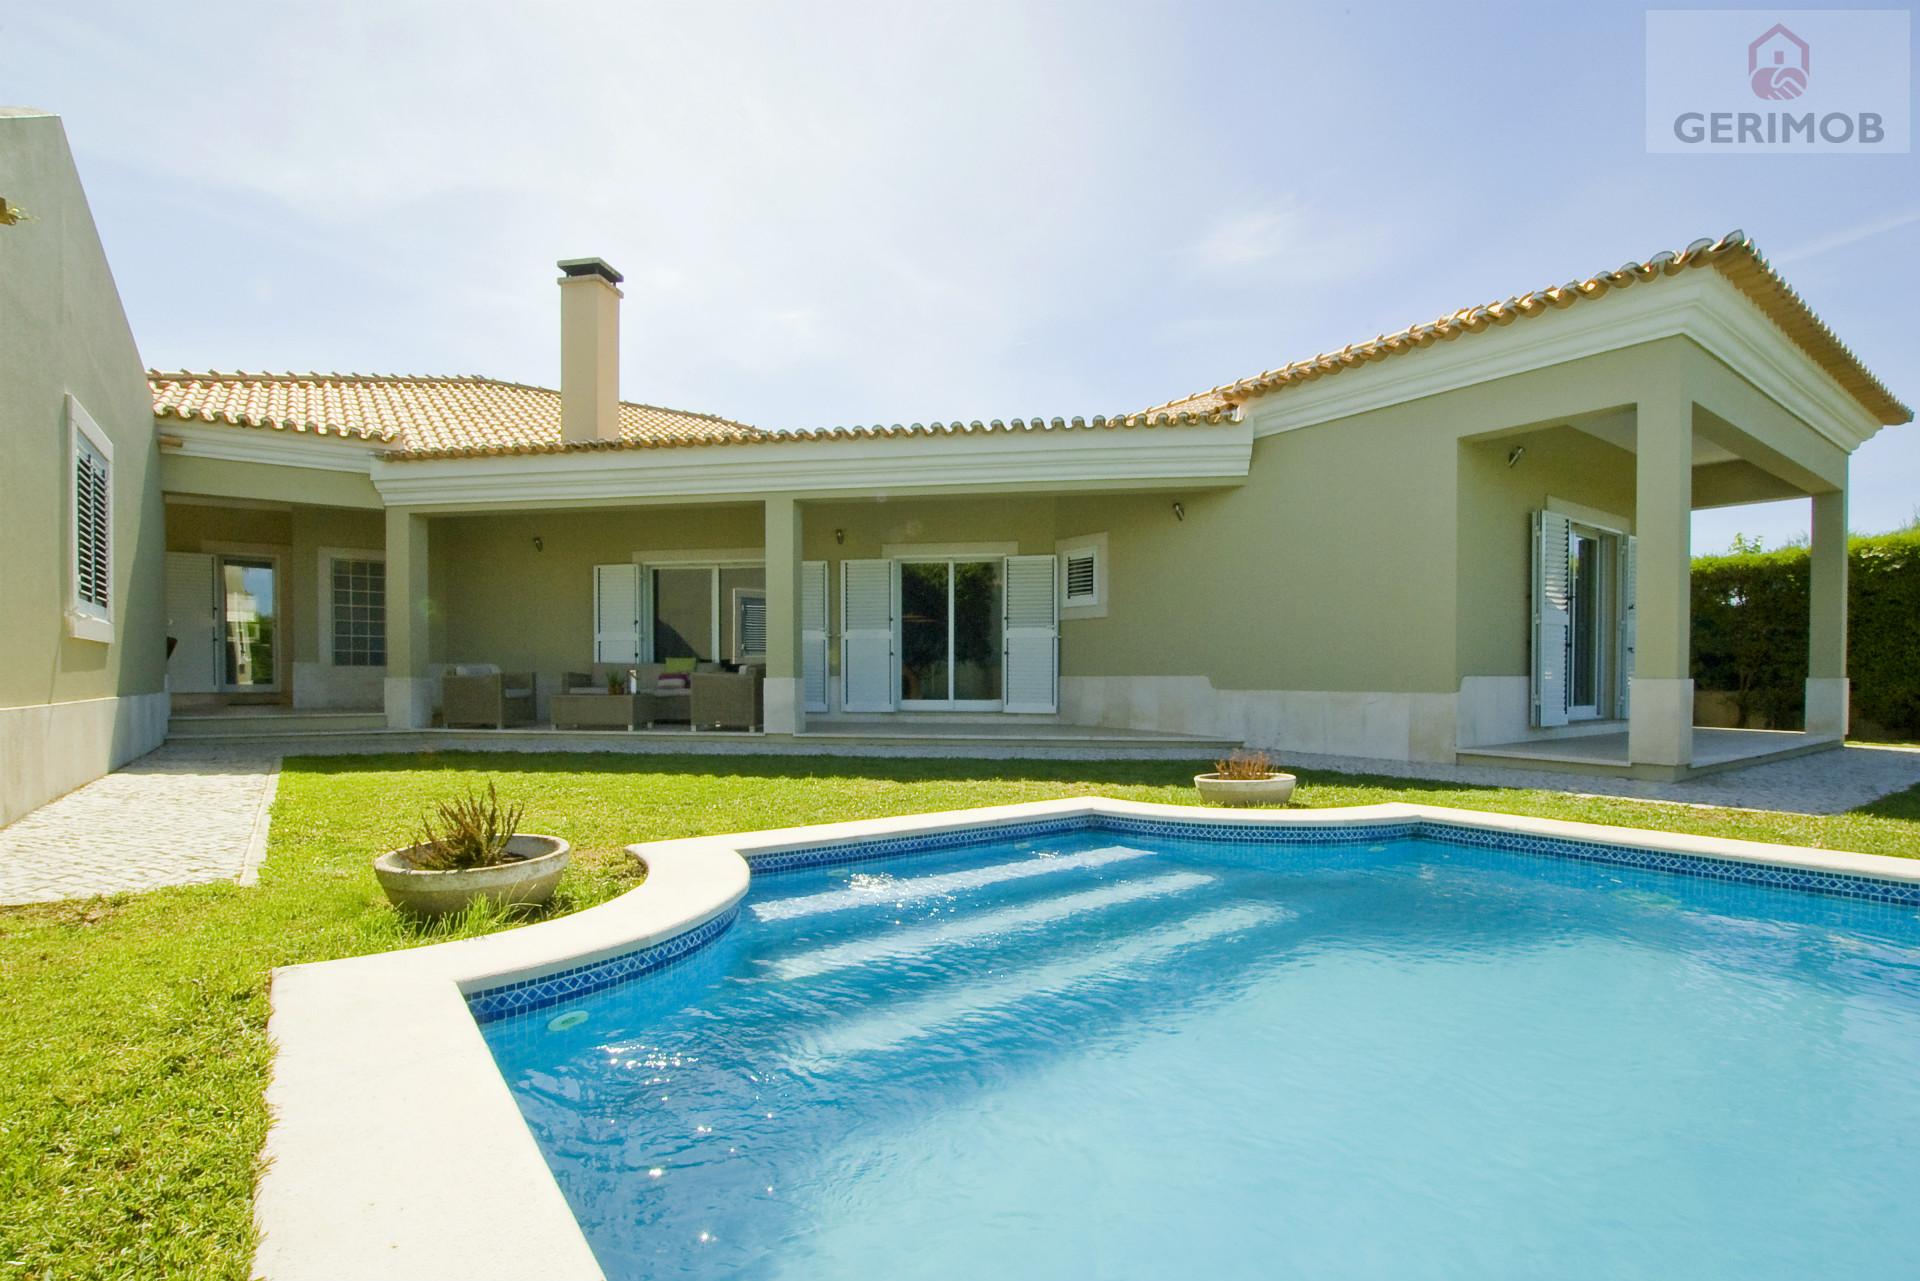 Moradia de luxo discreta com piscina, a 15 min das praias da Arrábida